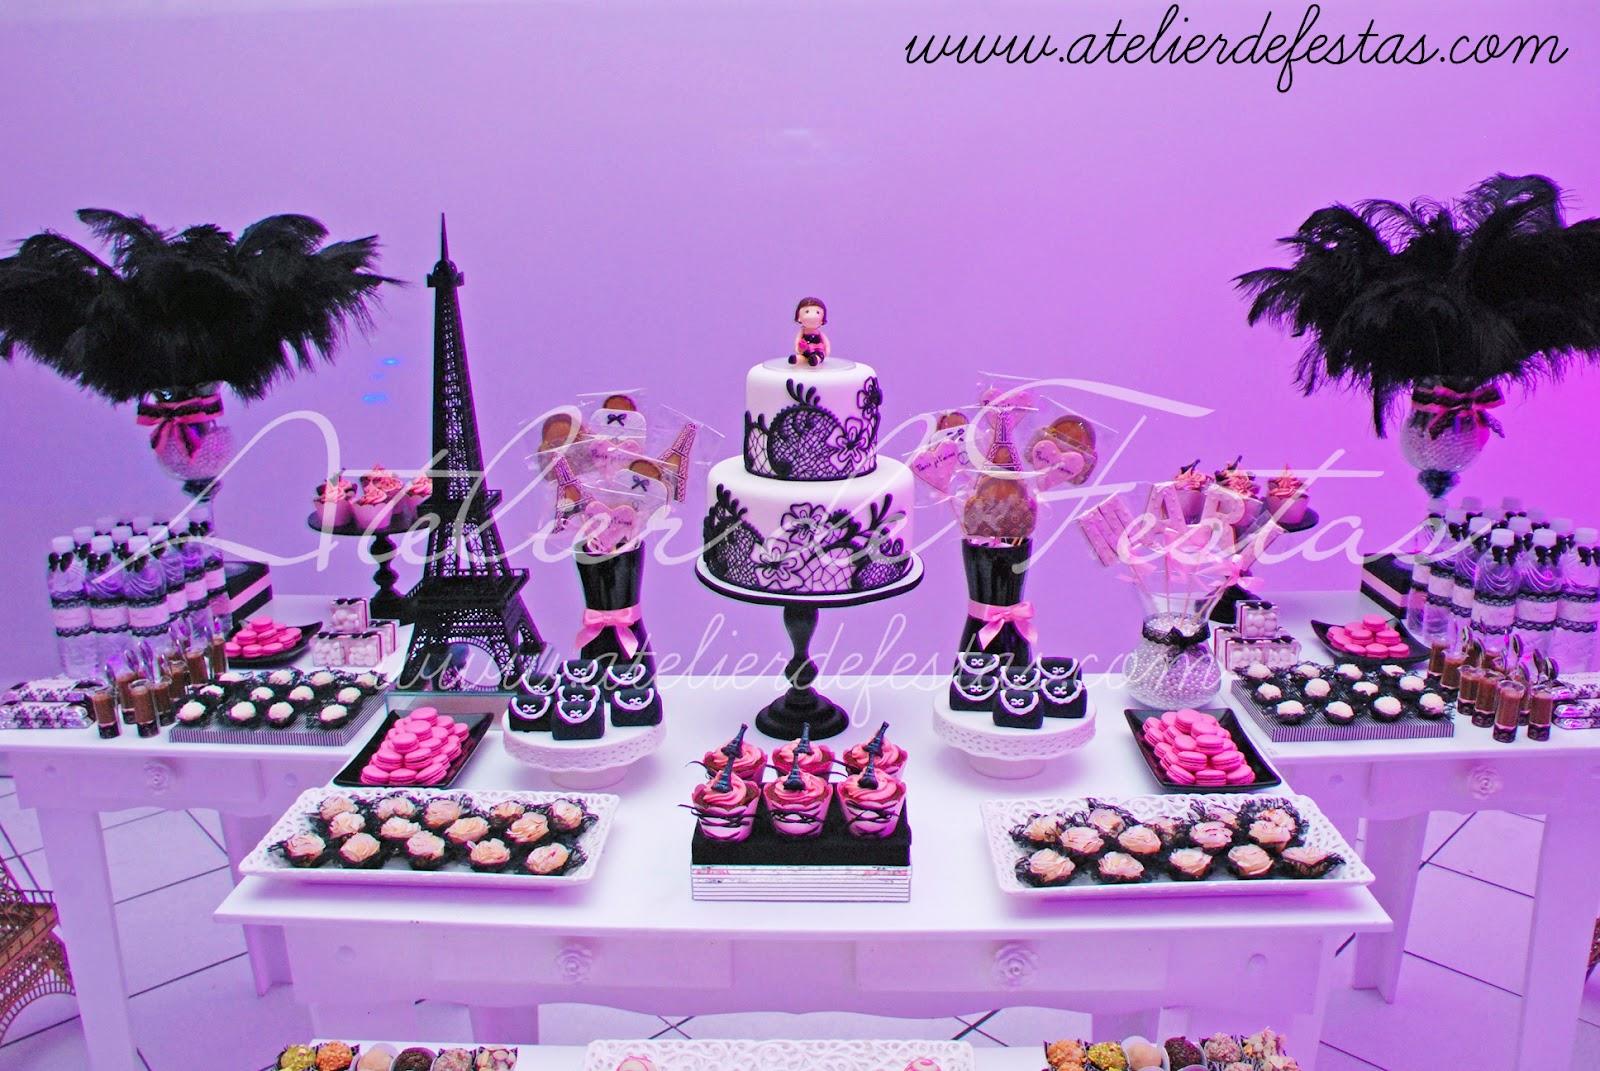 Amado Atelier de Festas: Festa Paris WD53